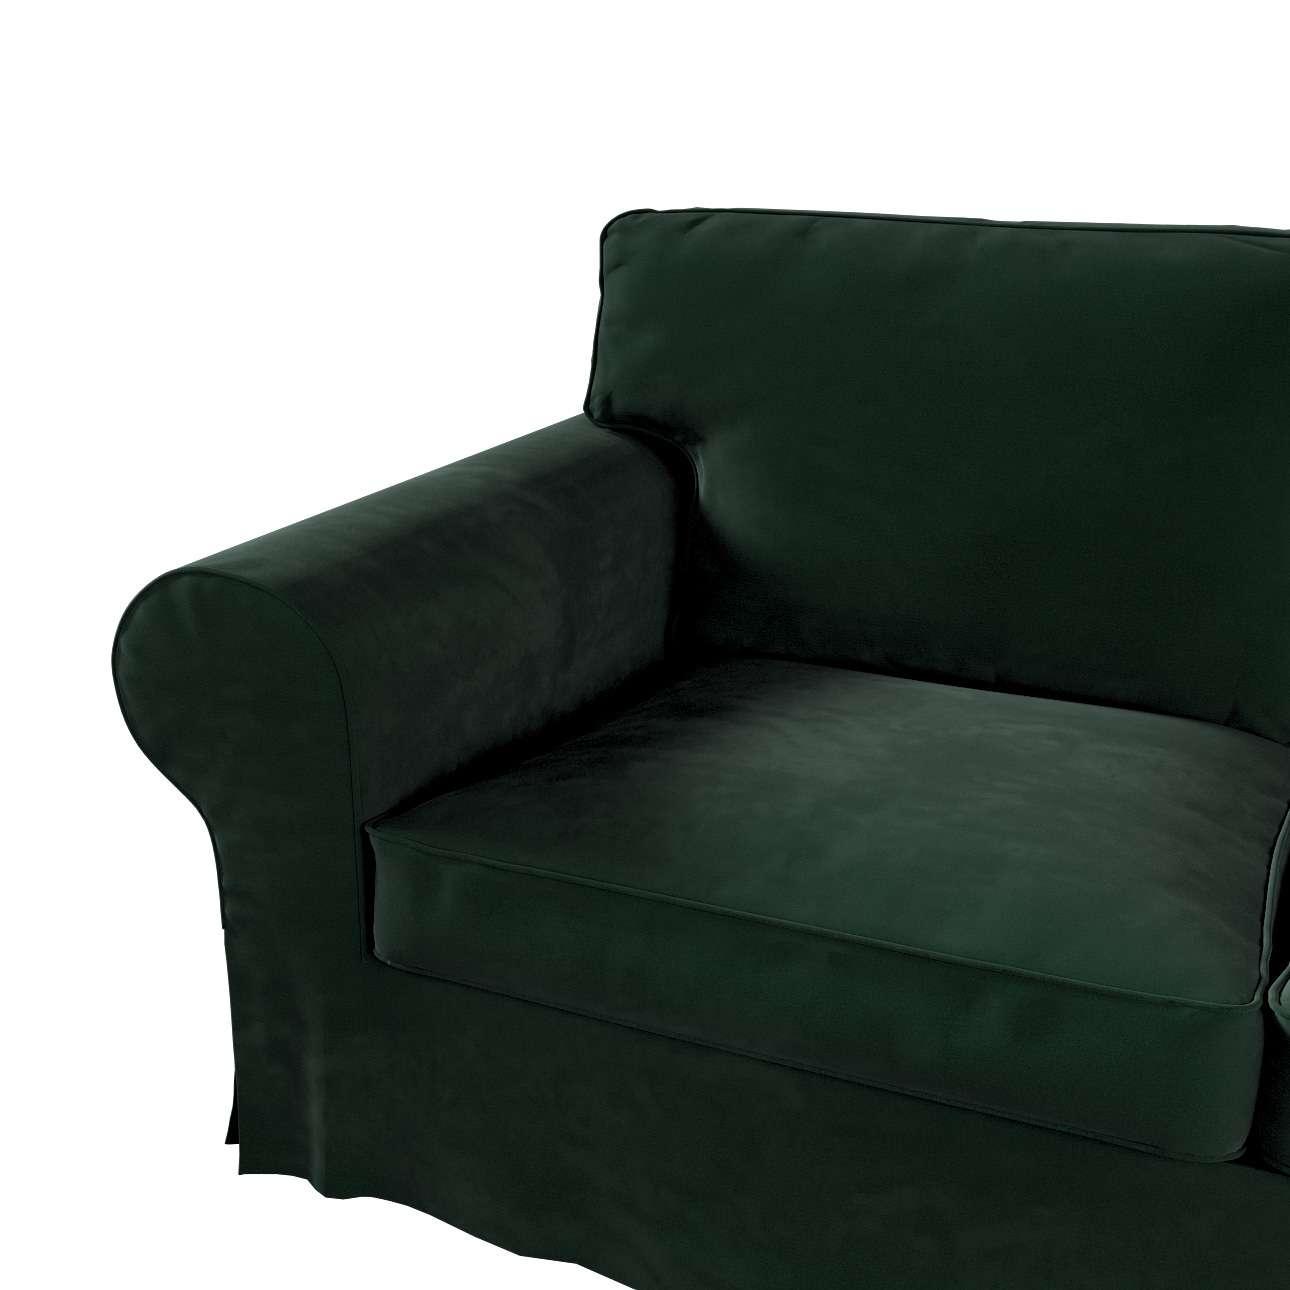 Bezug für Ektorp 2-Sitzer Sofa mit Recamiere von der Kollektion Velvet, Stoff: 704-25